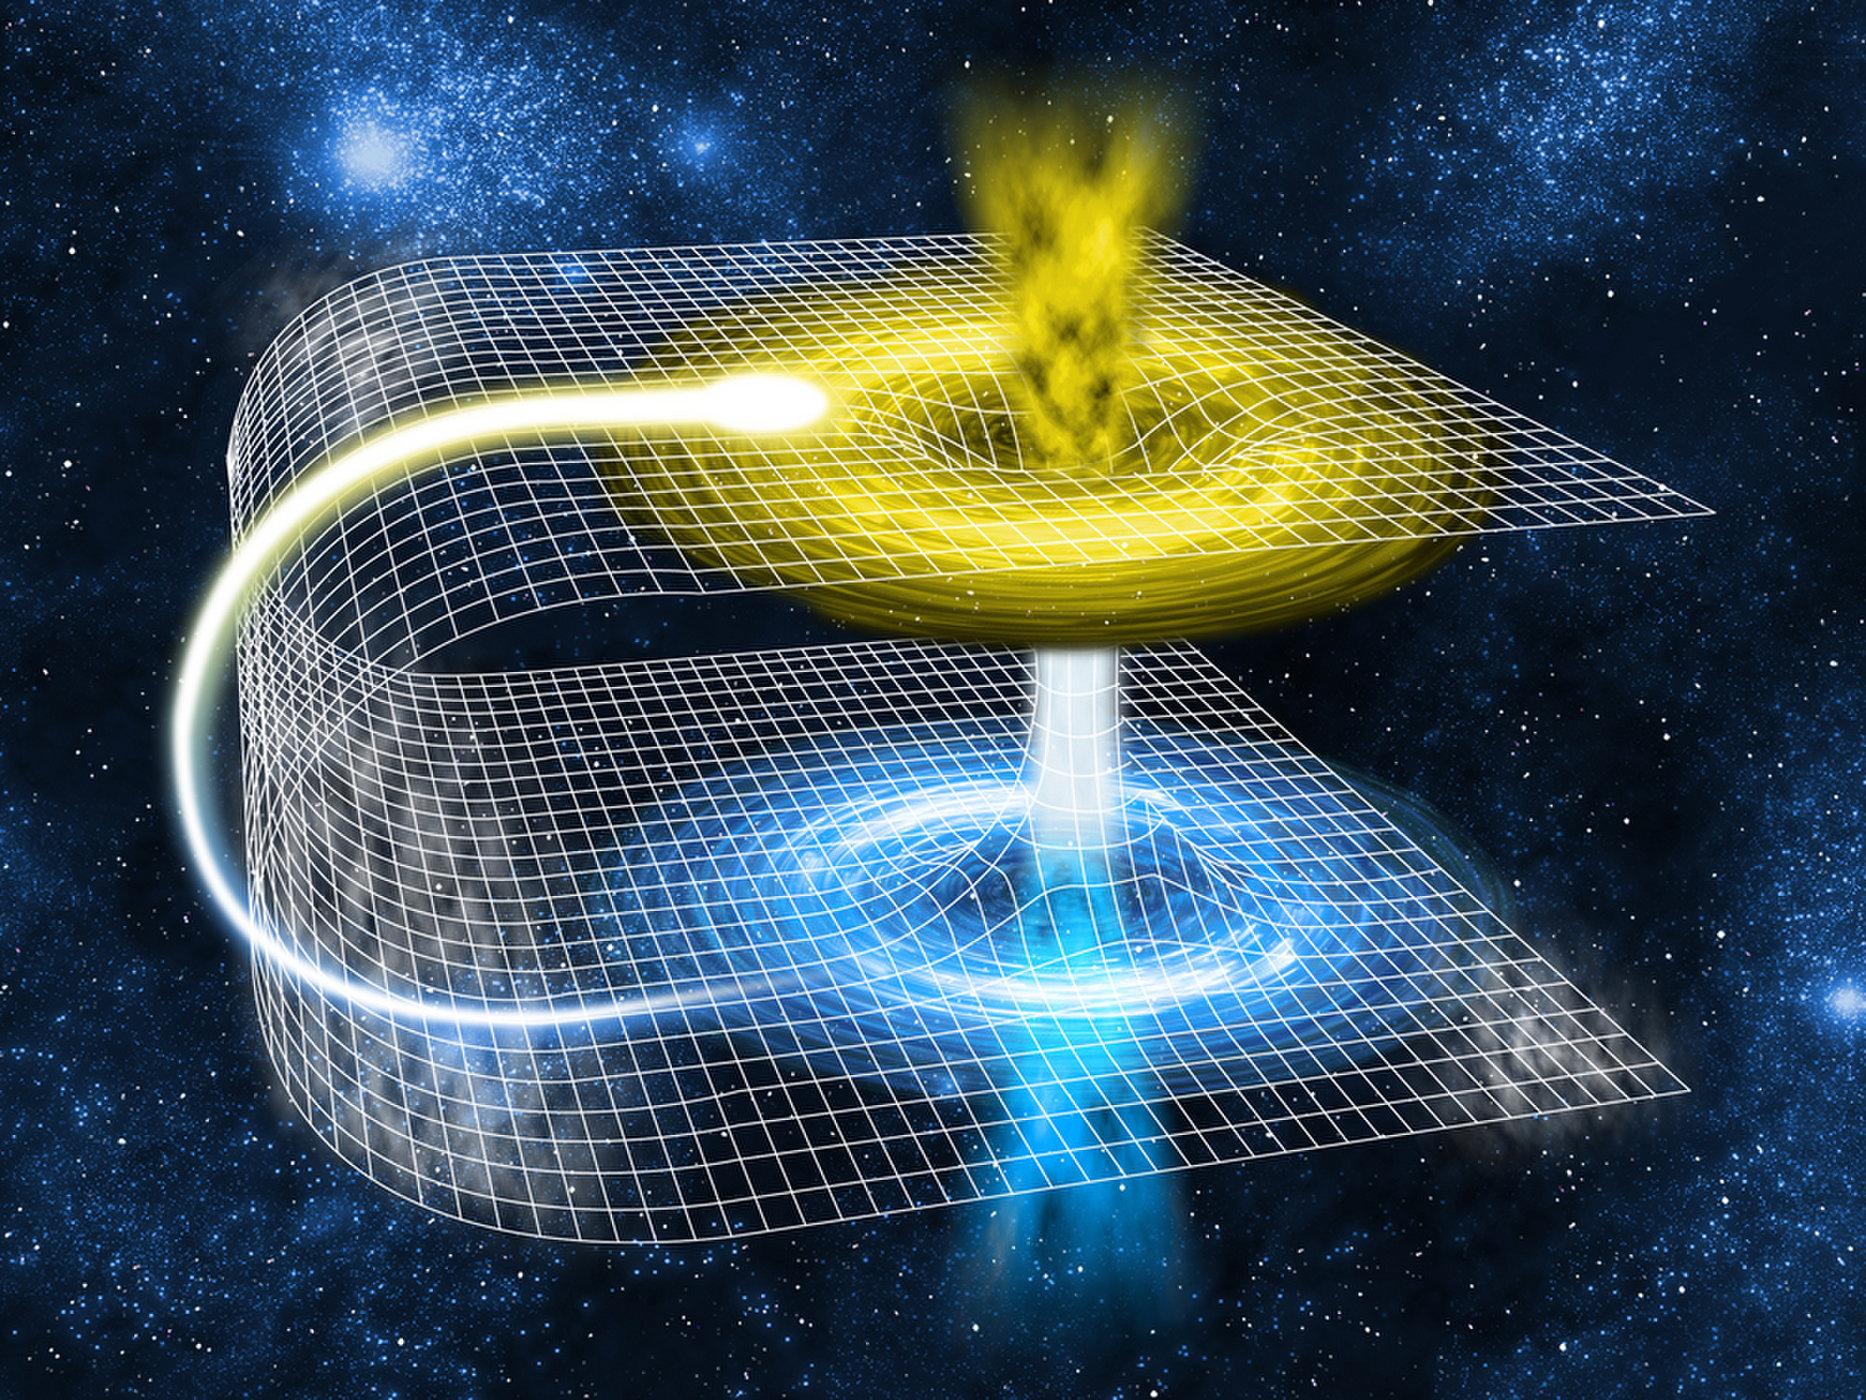 الثقوب الدودية (Through the wormhole)